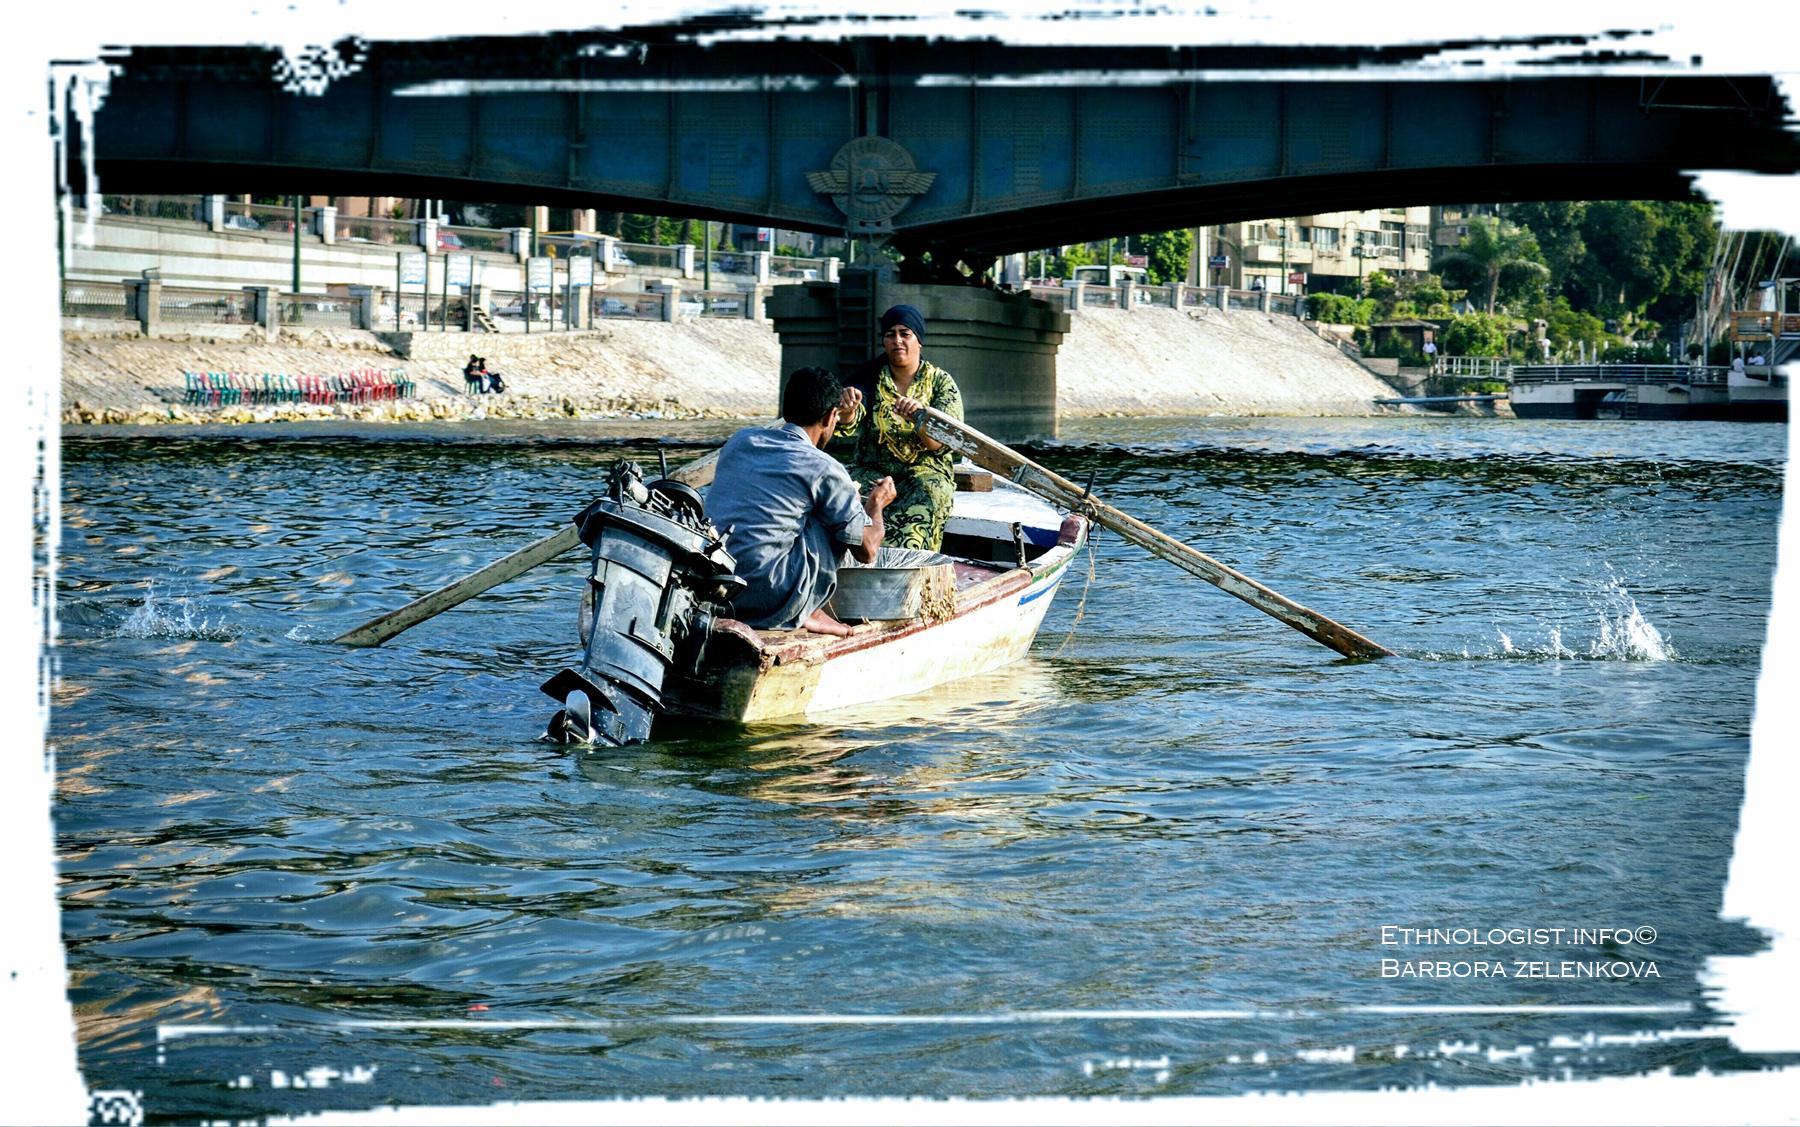 Rybářka s rybářem na řece Nil. Foto: Barbora Zelenková, 2011.